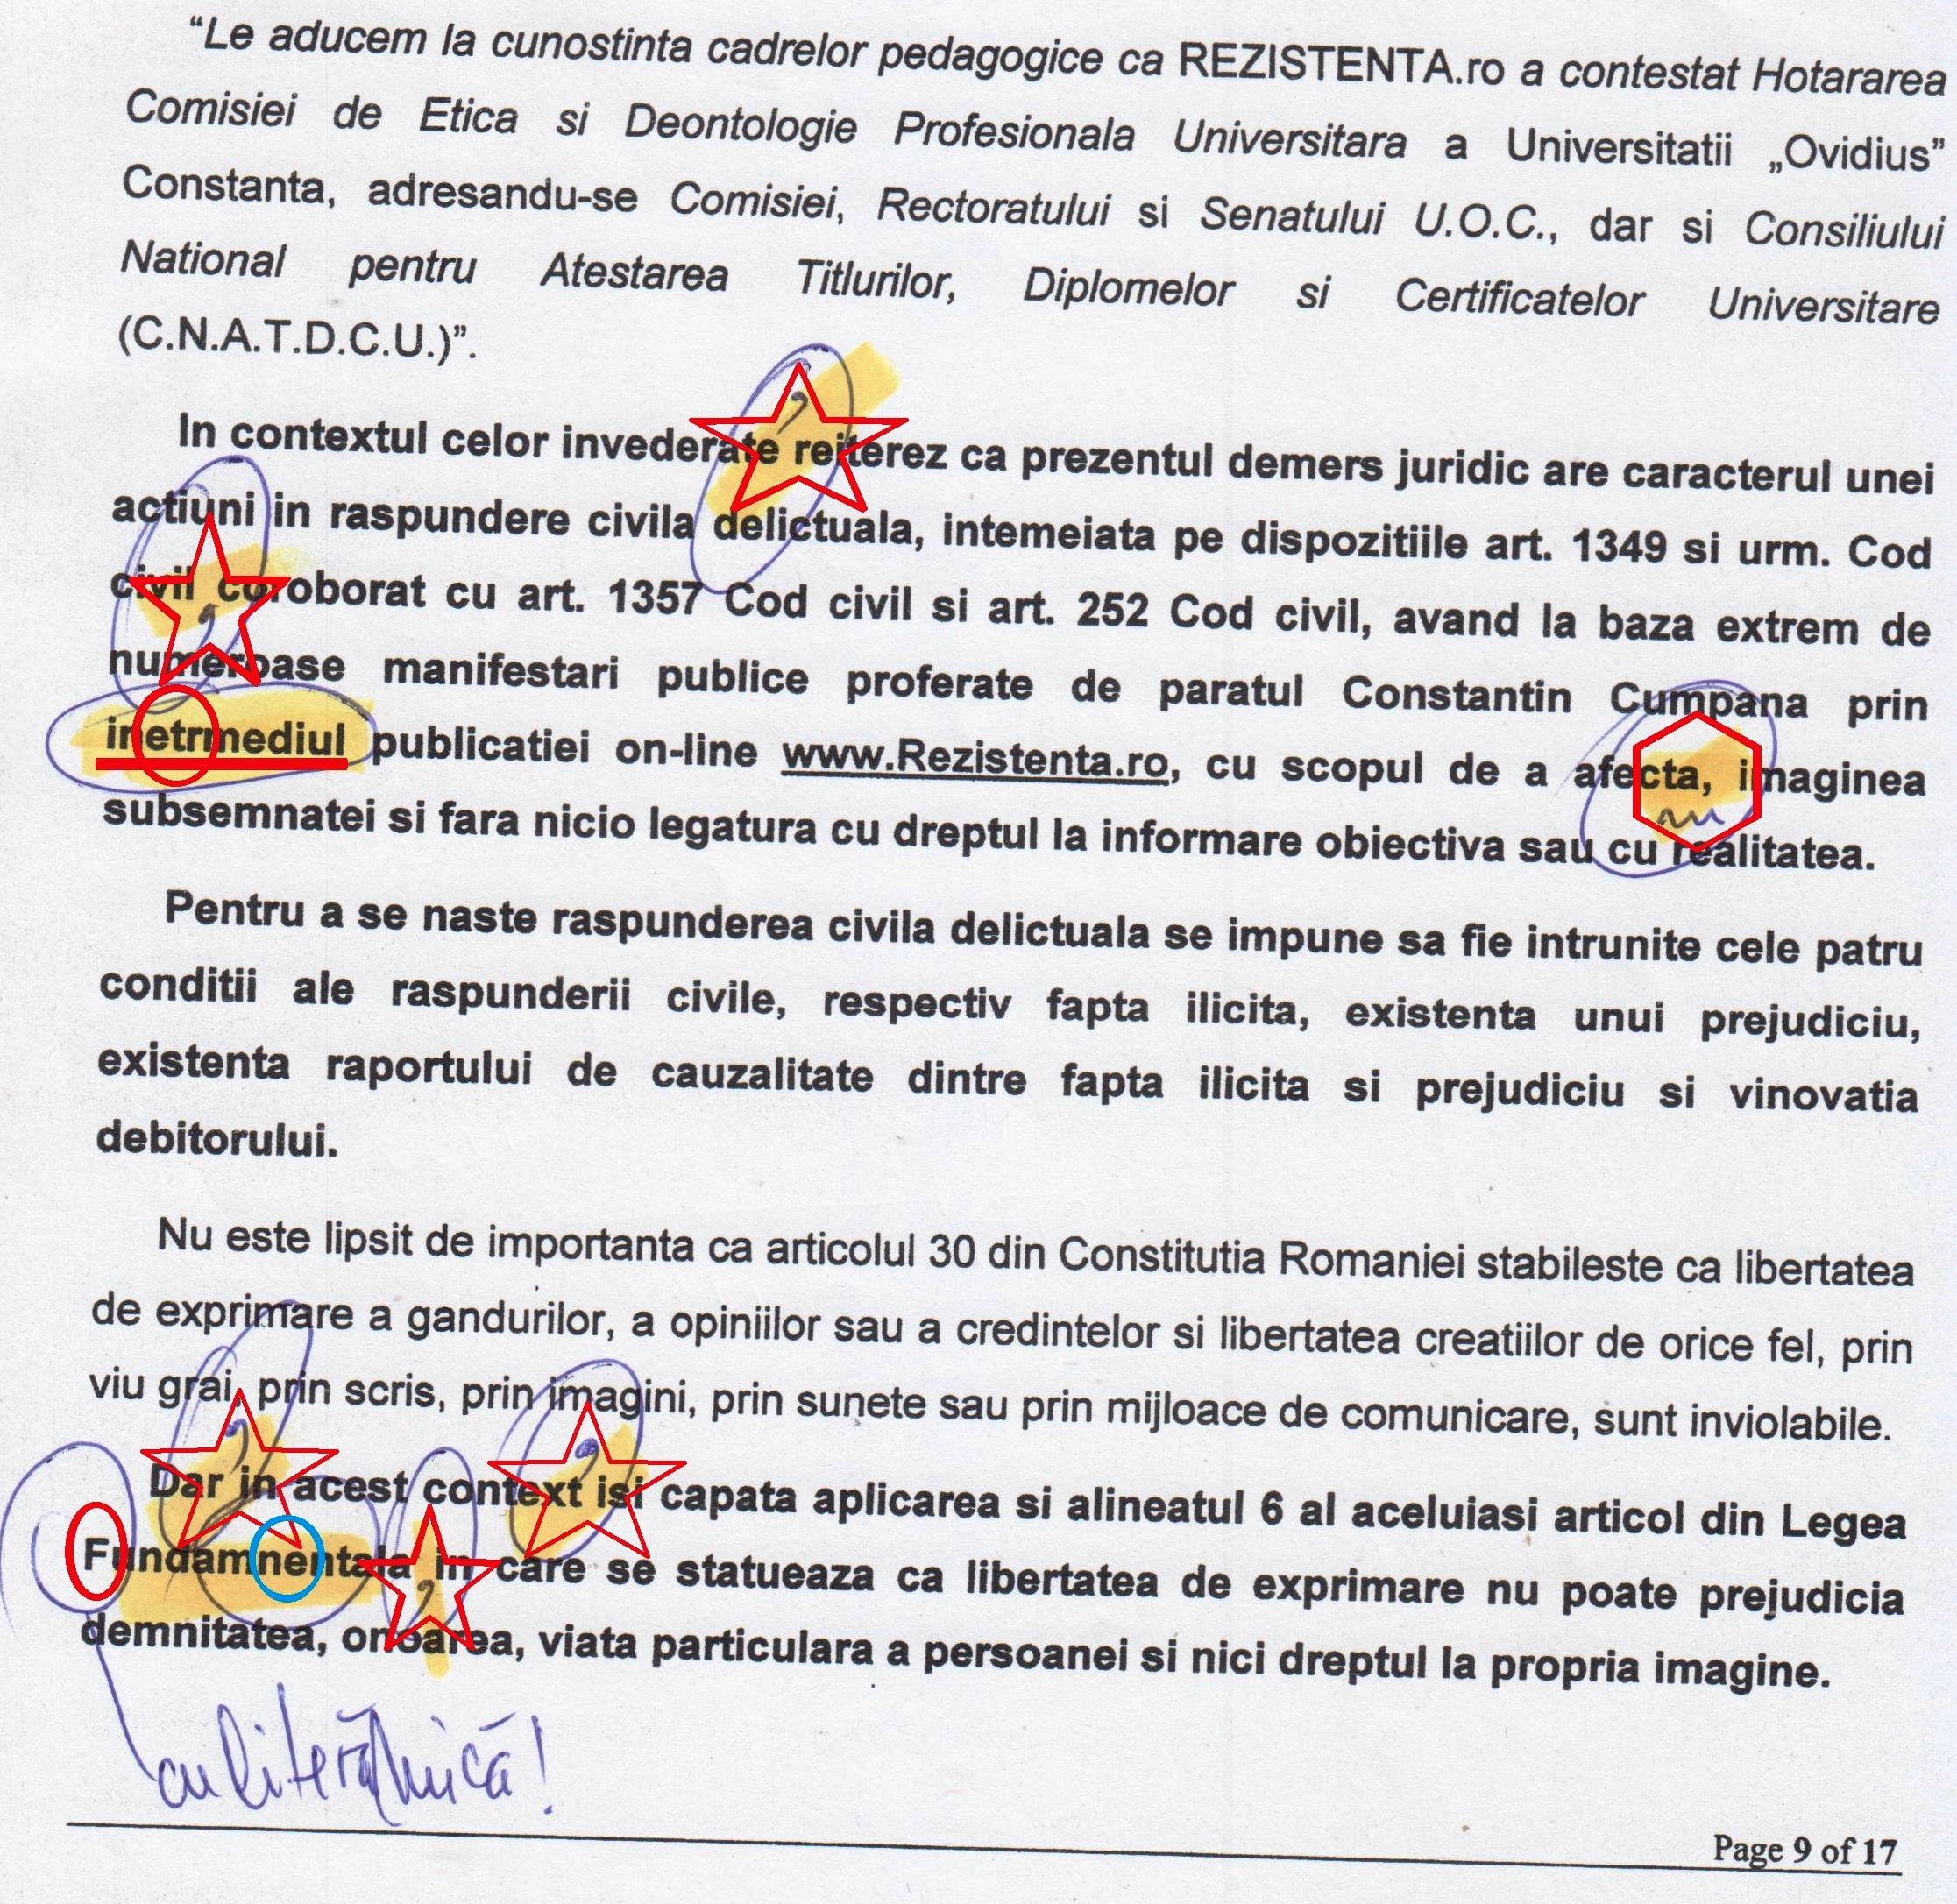 Pagina 2 abundă de agramatisme grave, intolerabile și rușinoase pentru un profesor de limba română, doctor în Filologie!